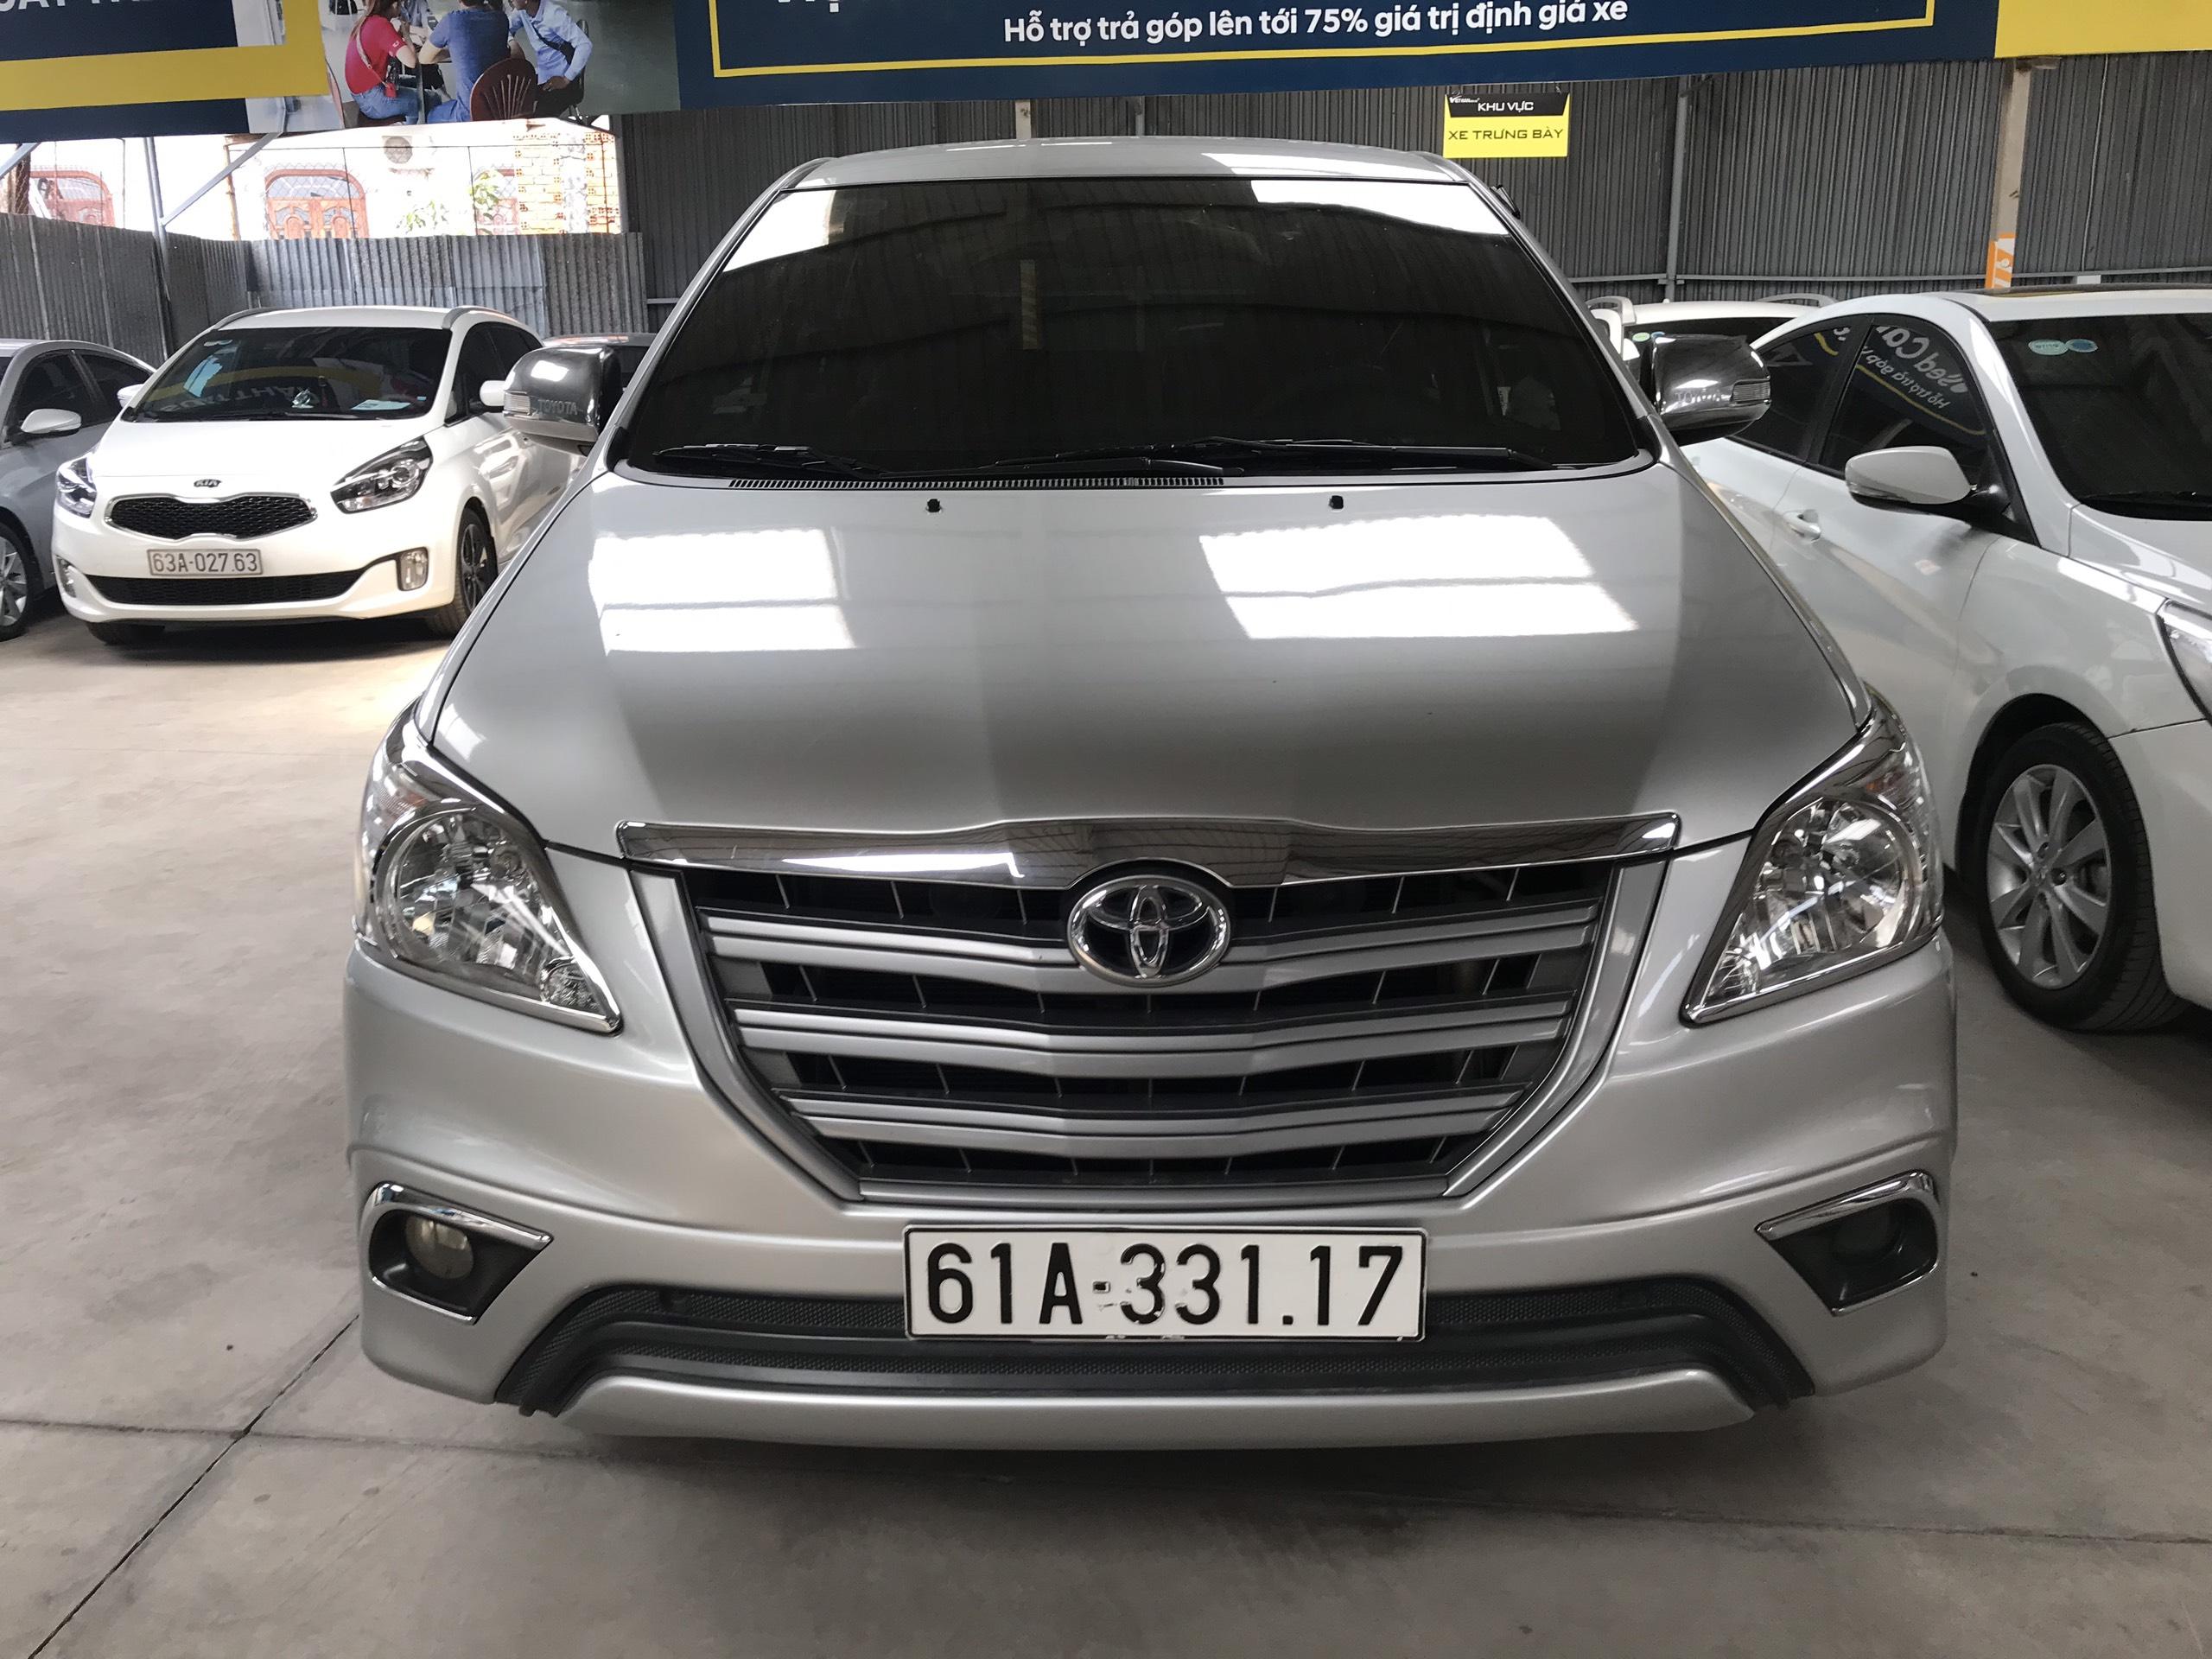 Bán Toyota INNOVA 2.0E màu bạc số sàn sản xuất 2016 biển Bình Dương đi 72000km